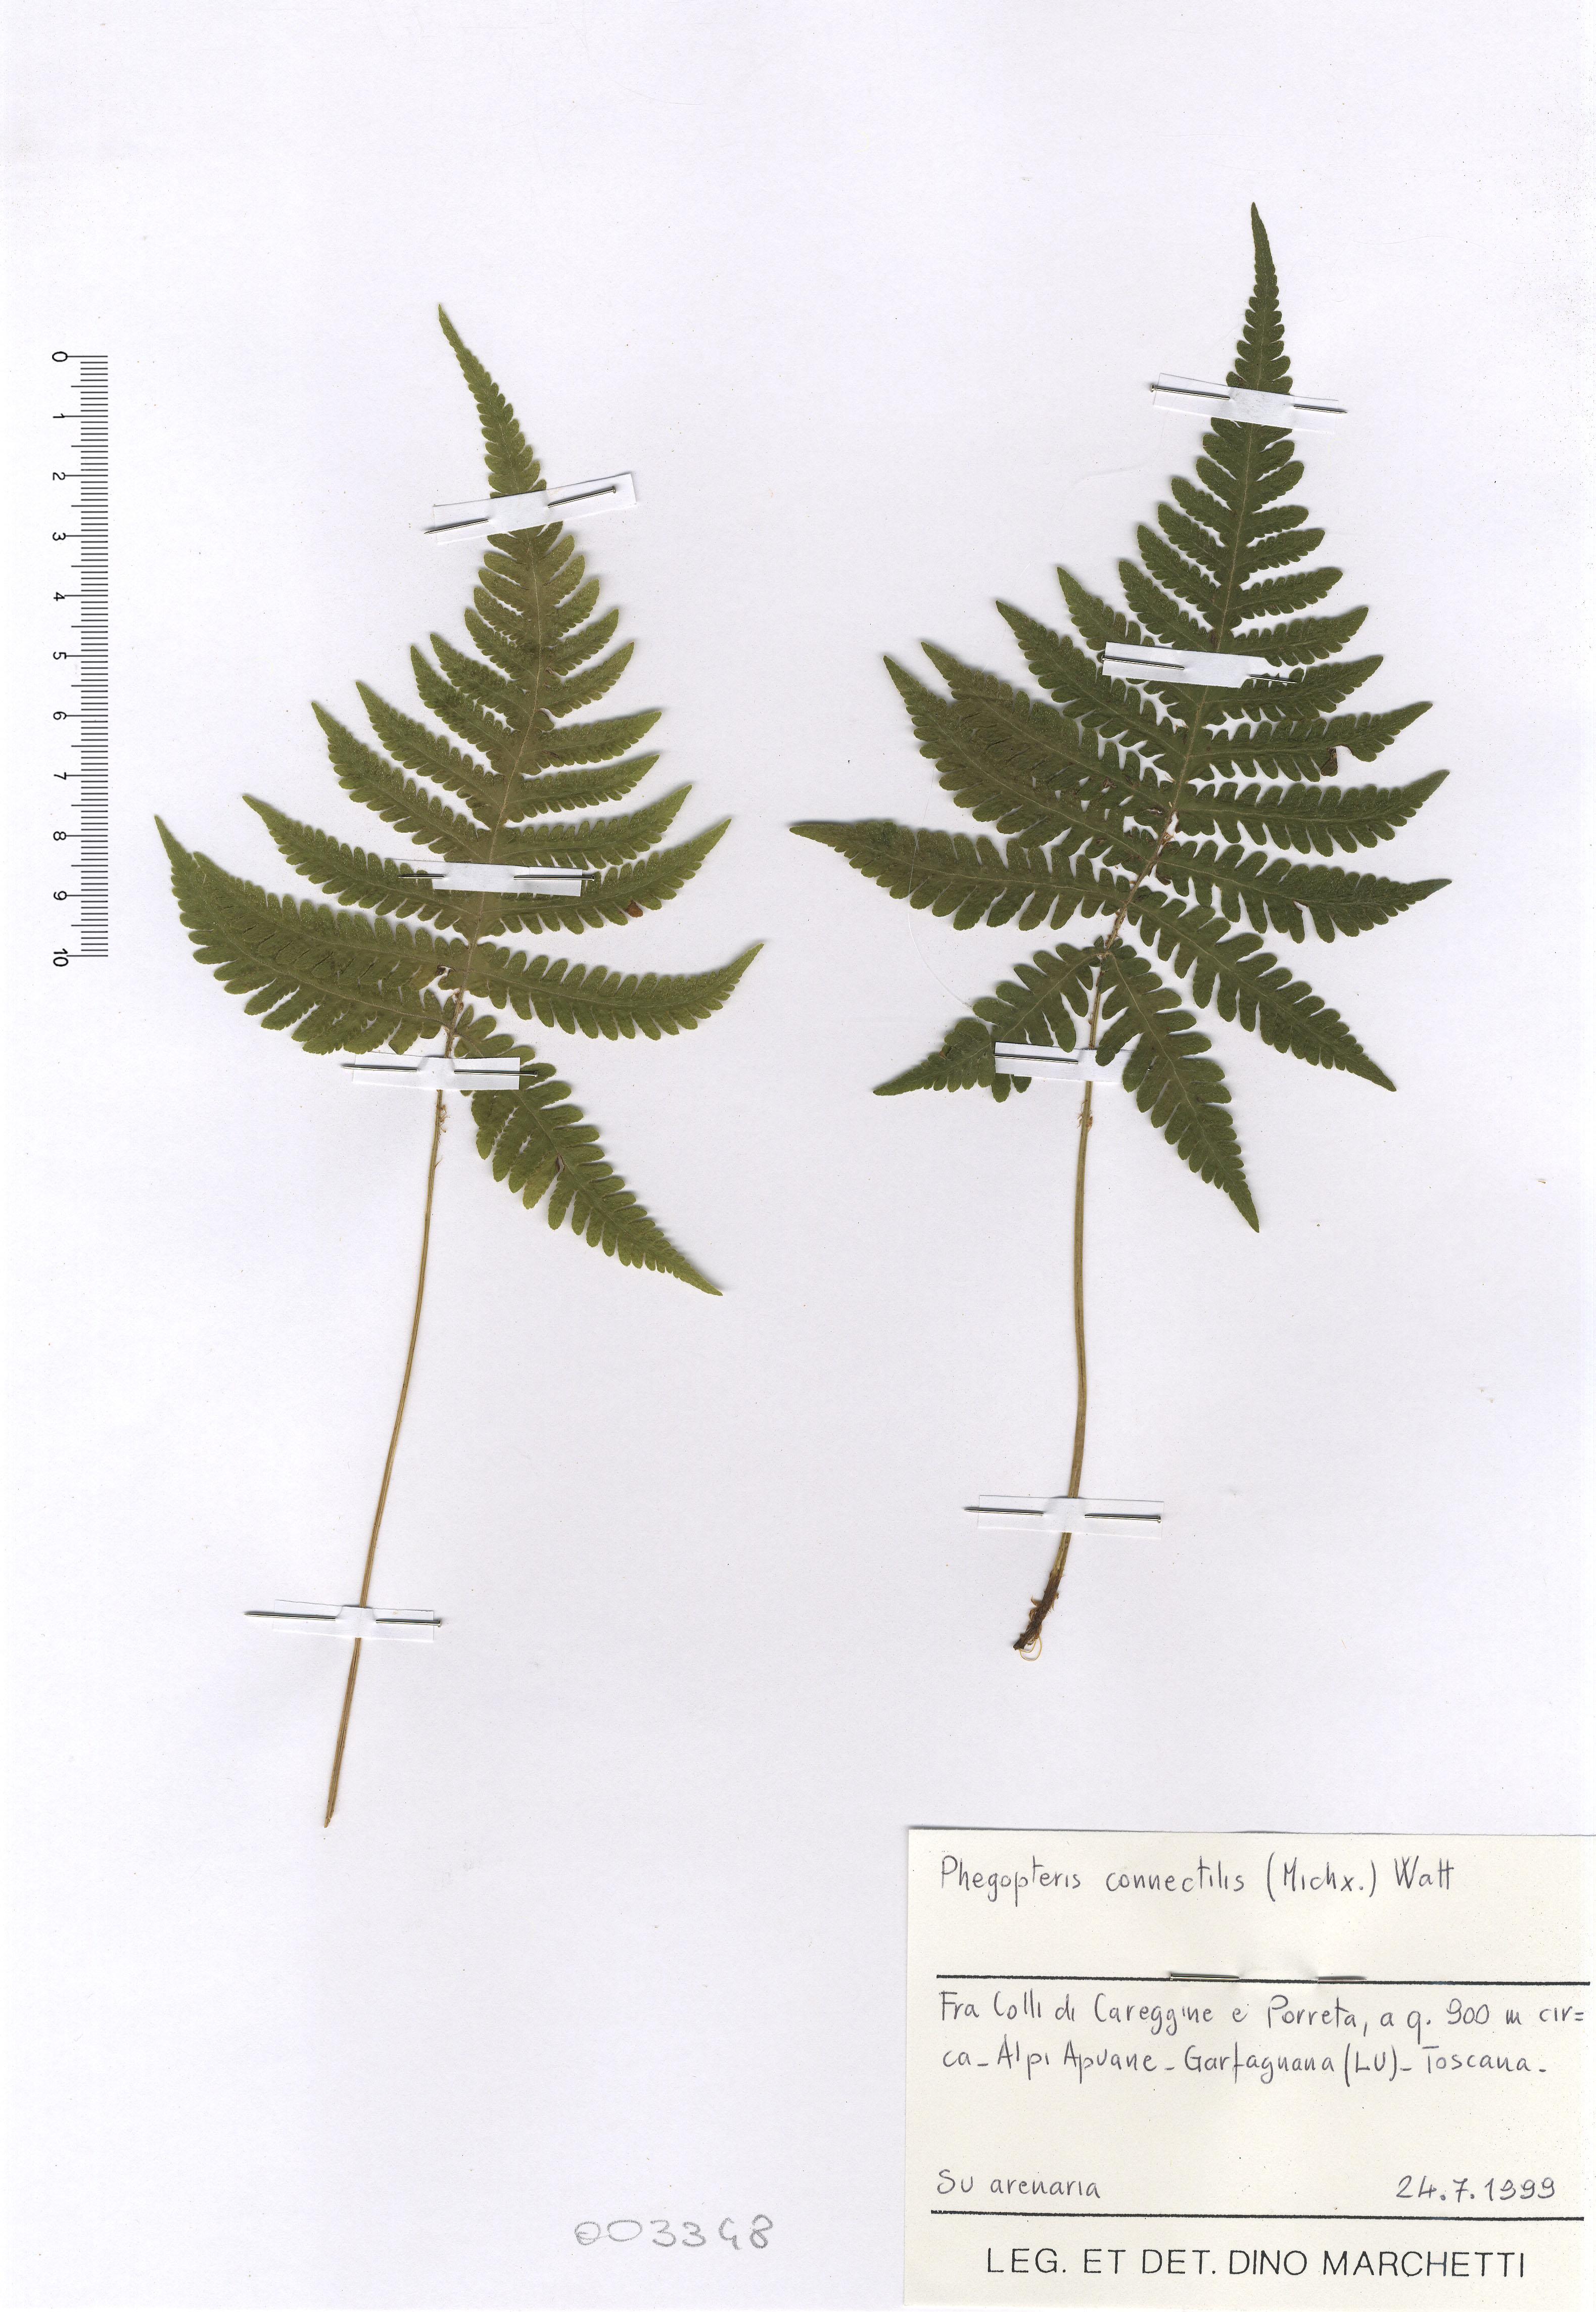 © Hortus Botanicus Catinensis - Herb. sheet 003348<br>